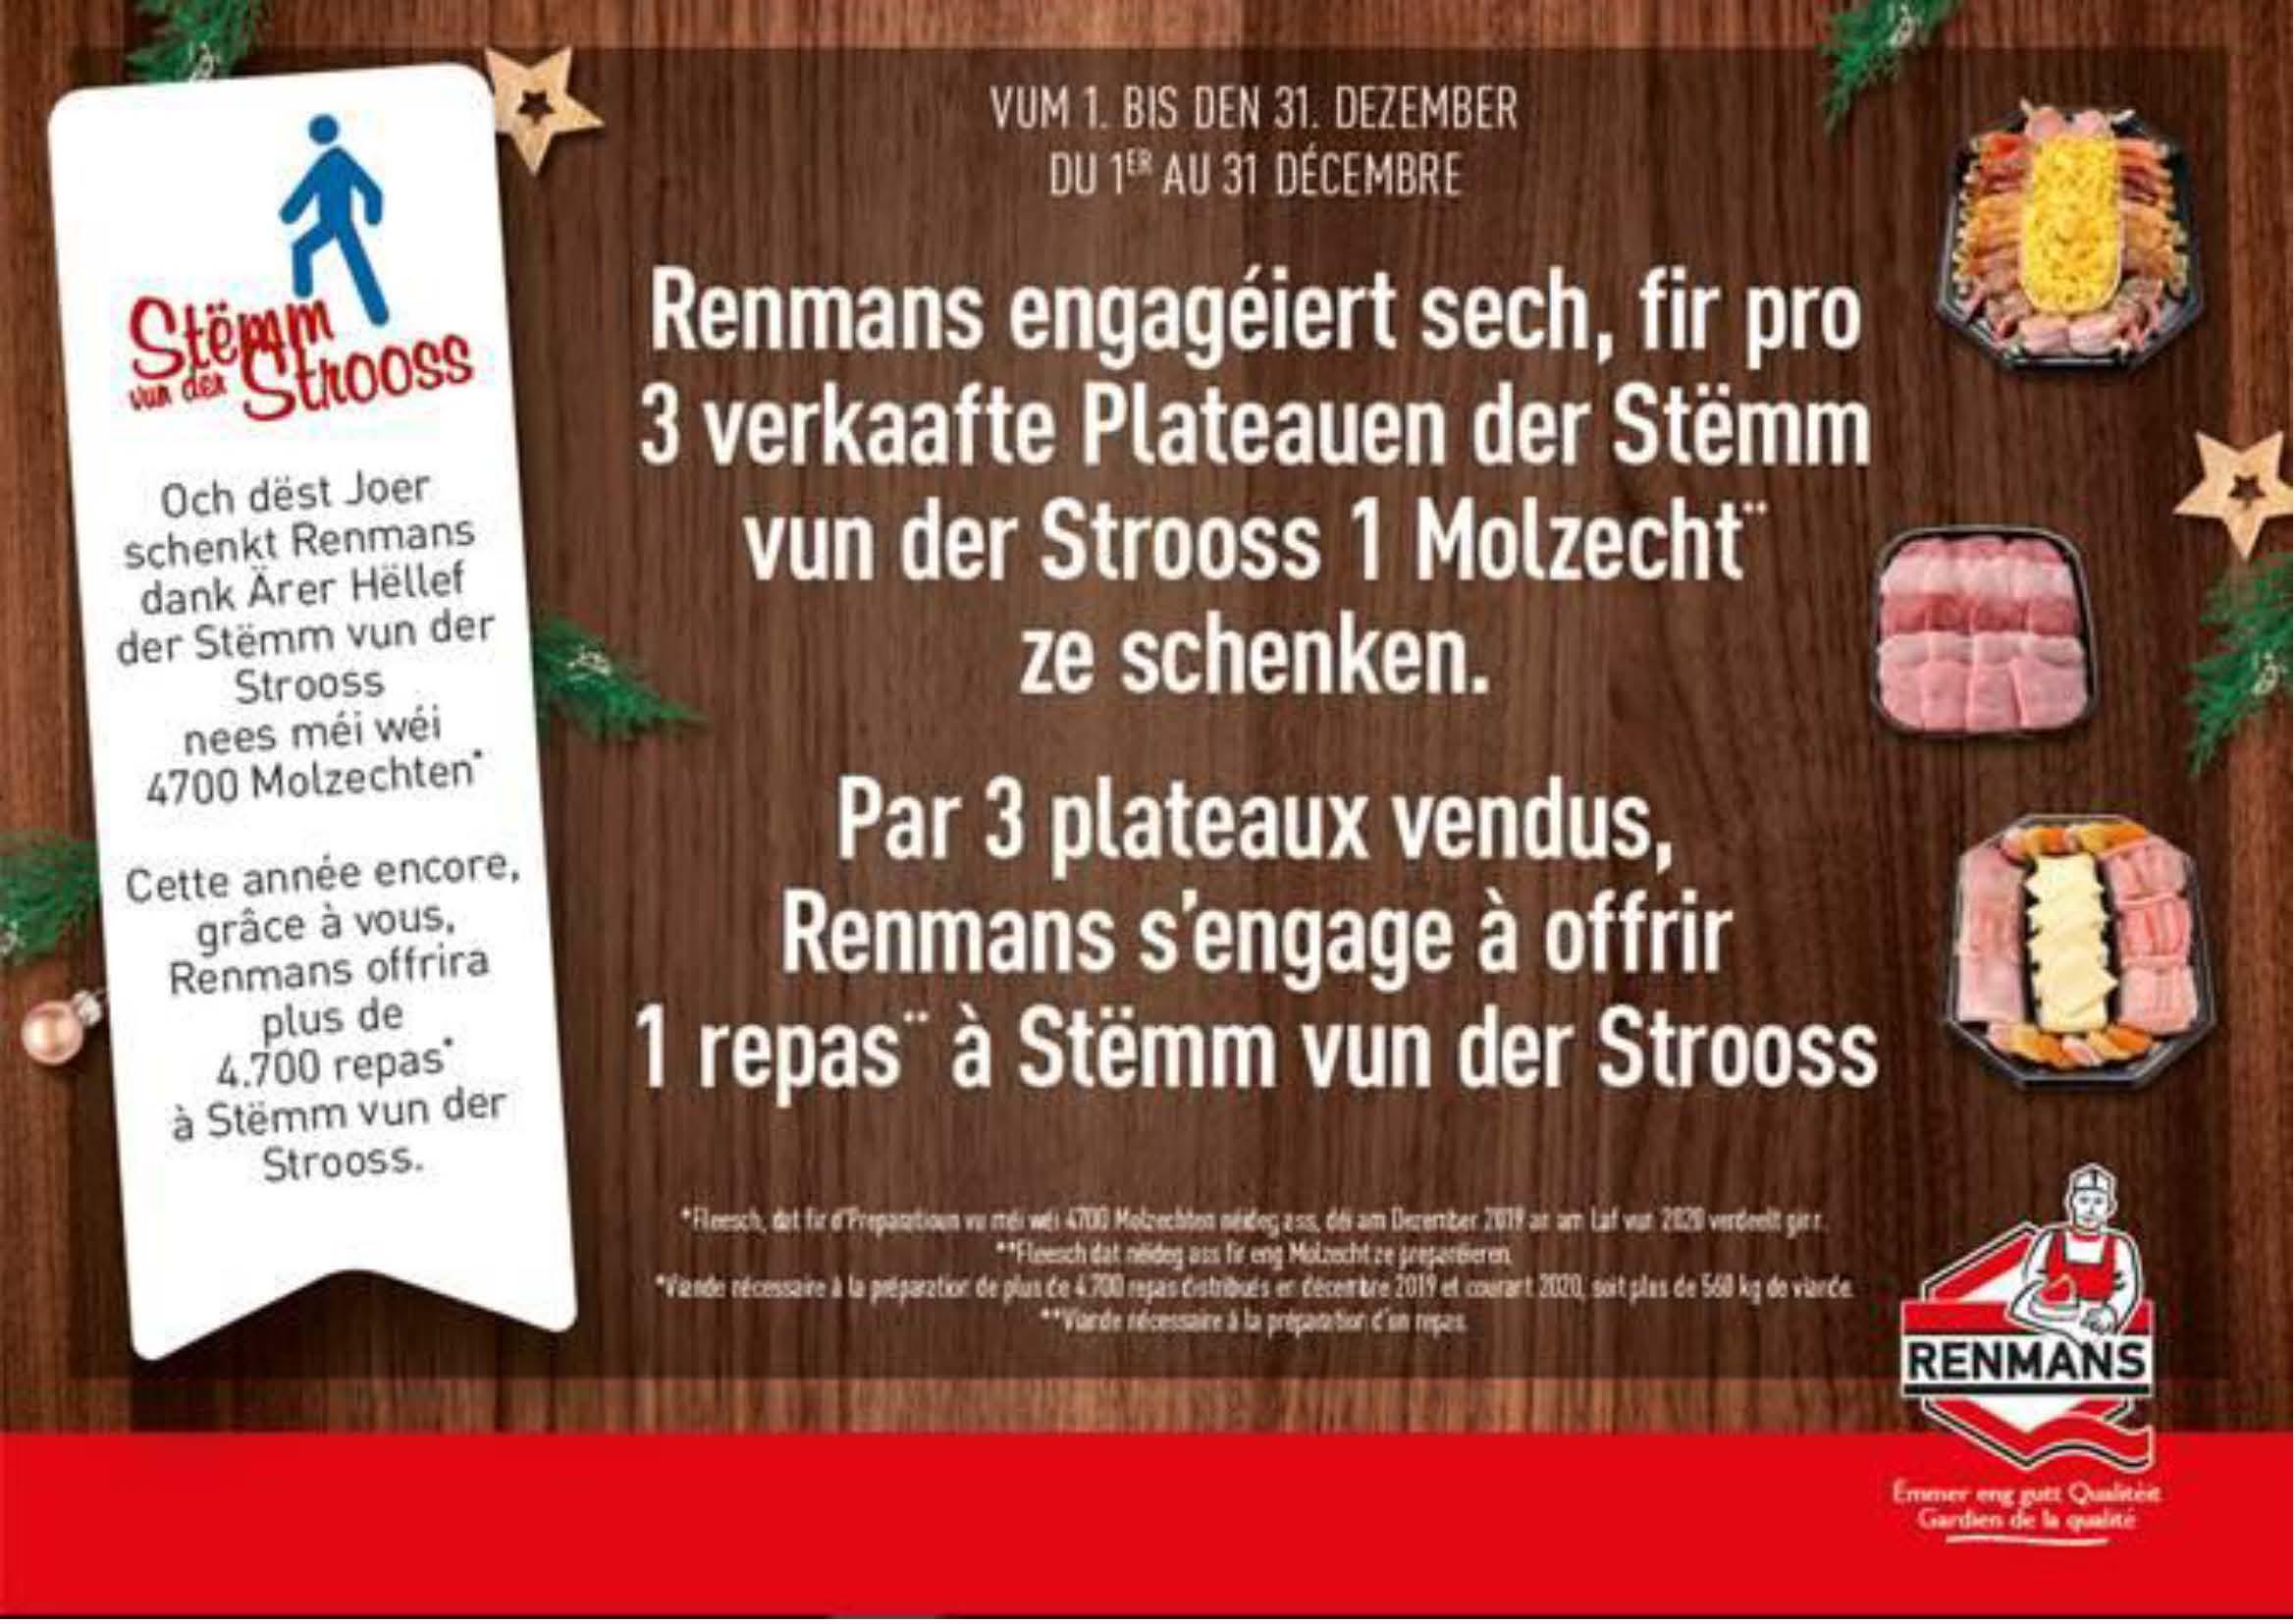 Plus de  4 700 repas offerts par Renmans à la Stëmm vun der Strooss